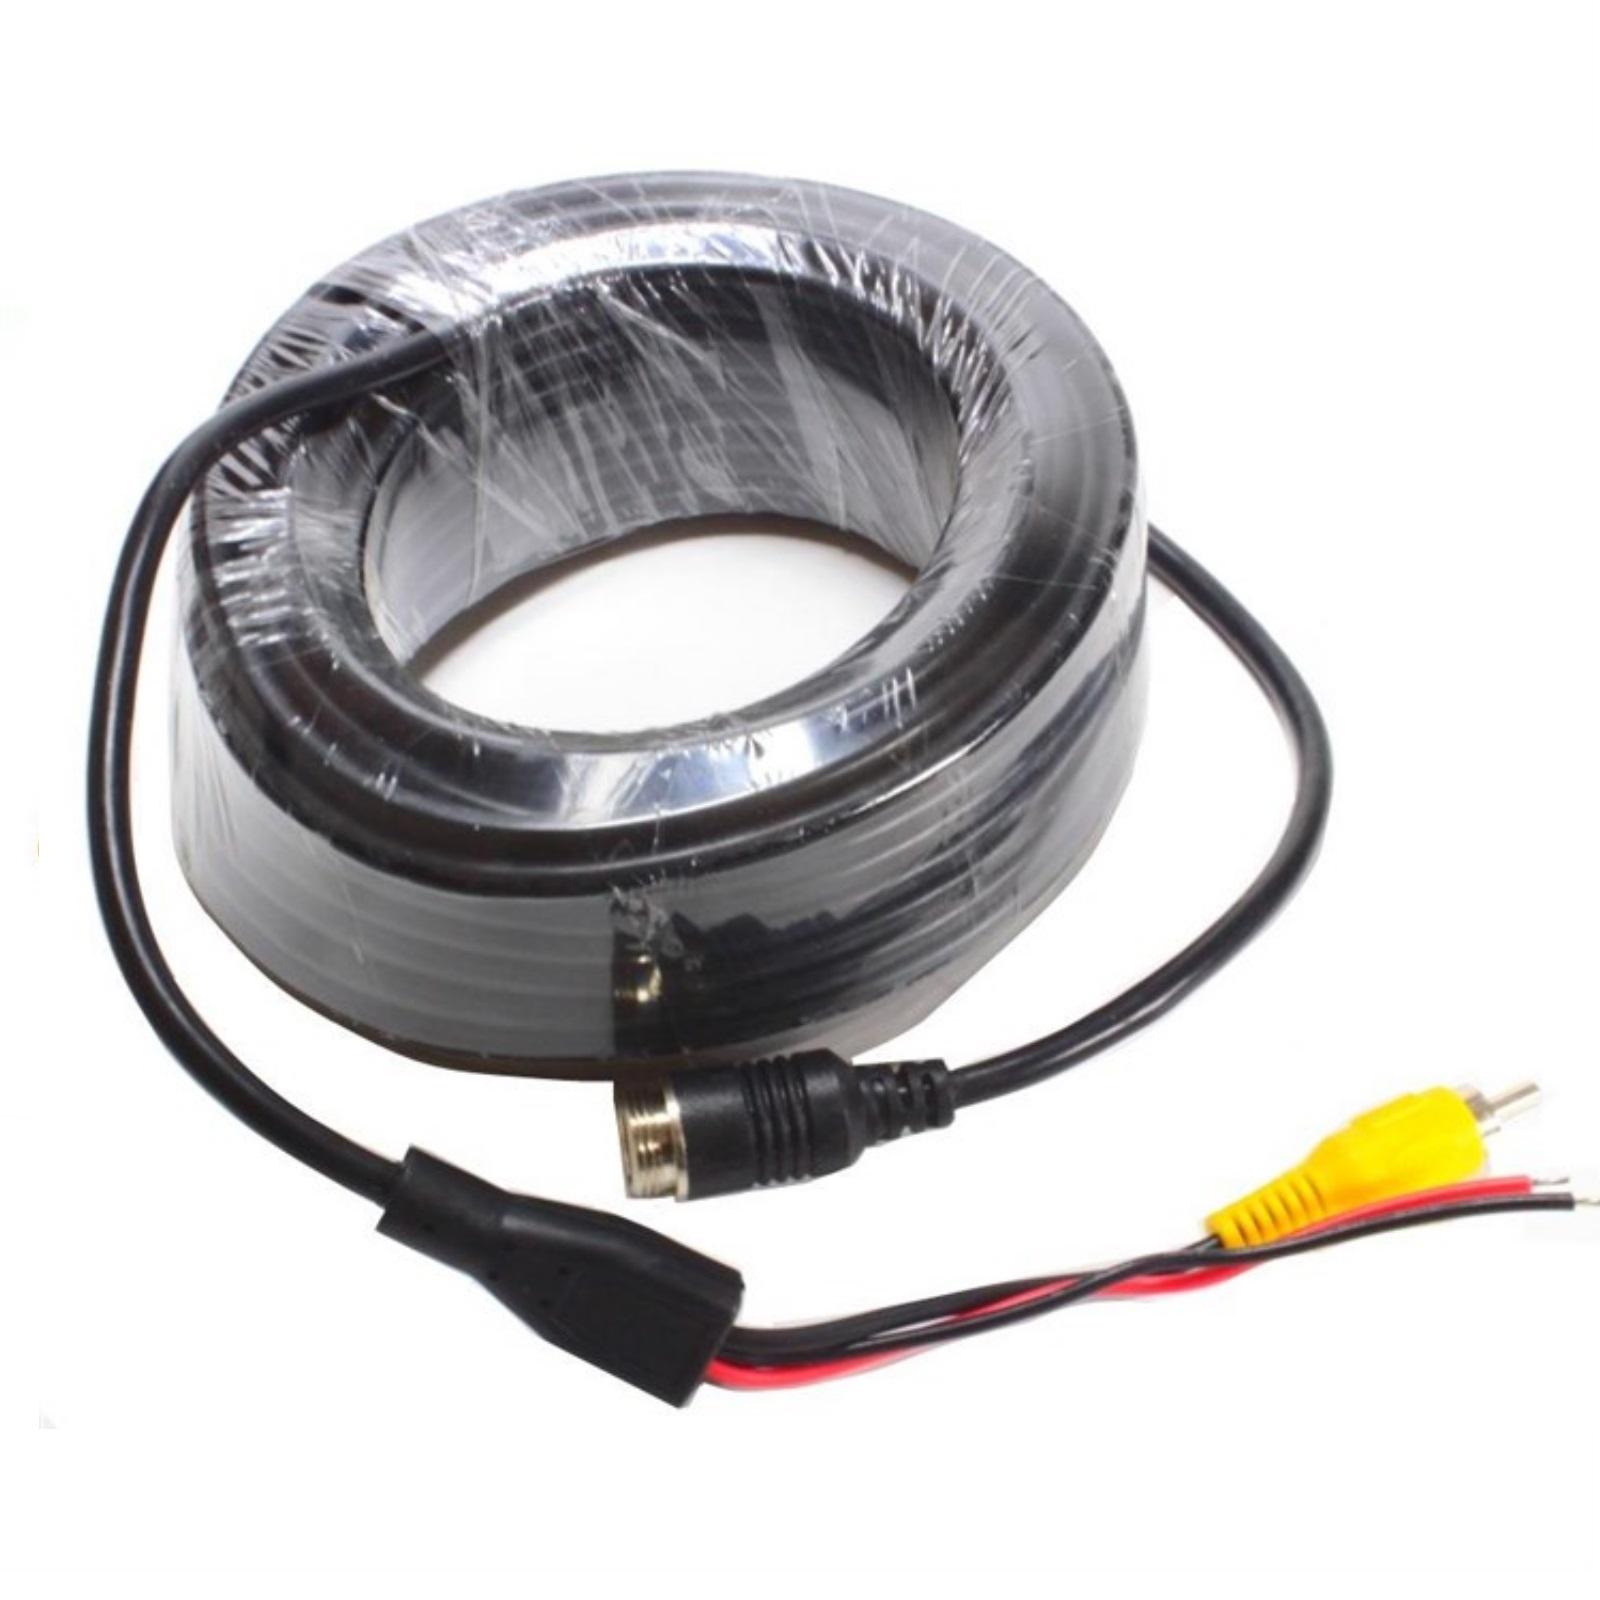 komplettset r ckfahrkamera 4 3 monitor klappbar f r ducato boxer jumper kabel. Black Bedroom Furniture Sets. Home Design Ideas